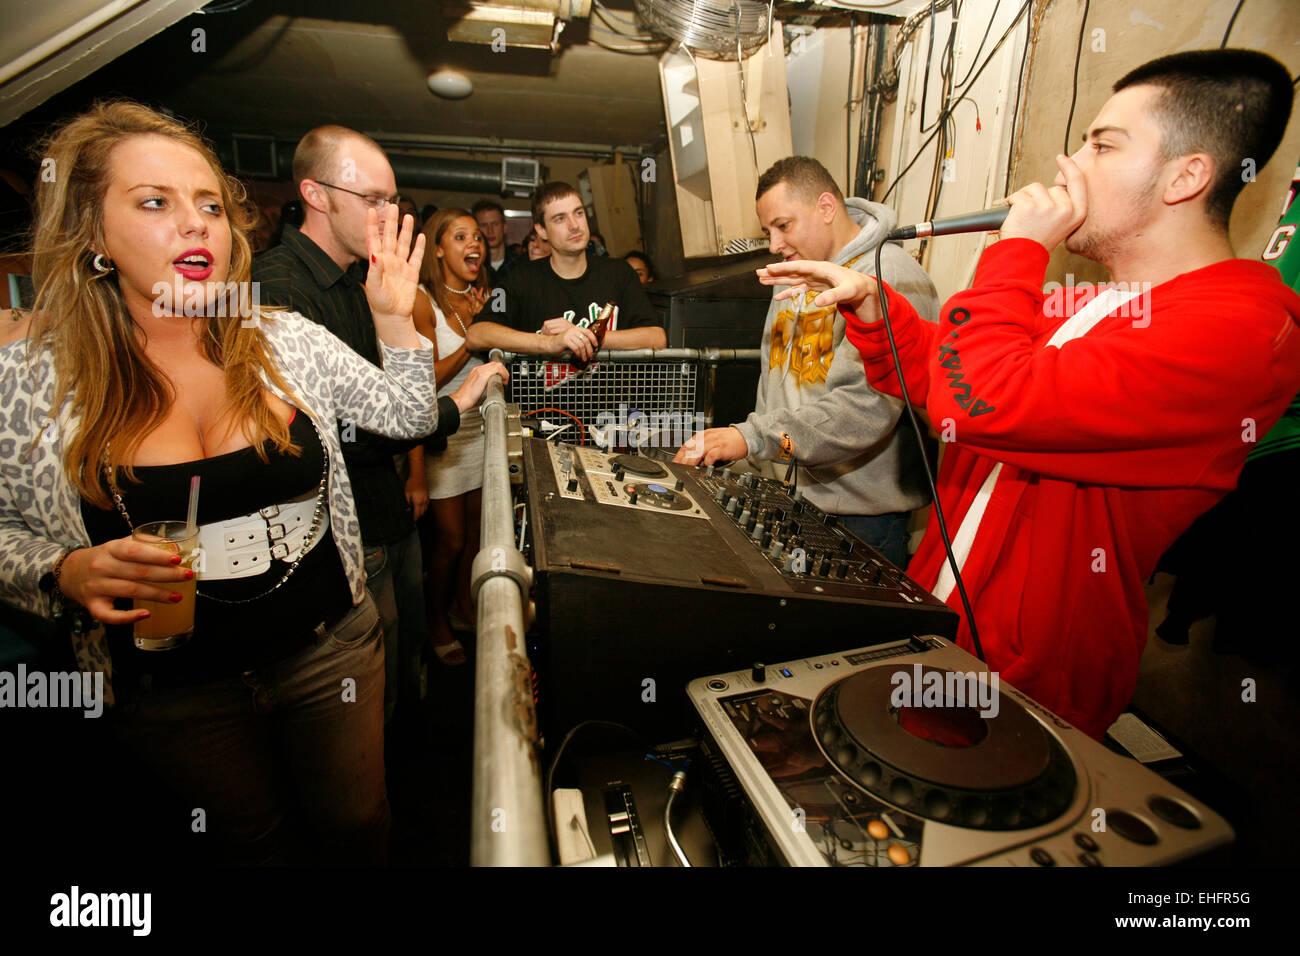 Semtex DJing at Yo Yo at Notting Hill Arts Club. - Stock Image